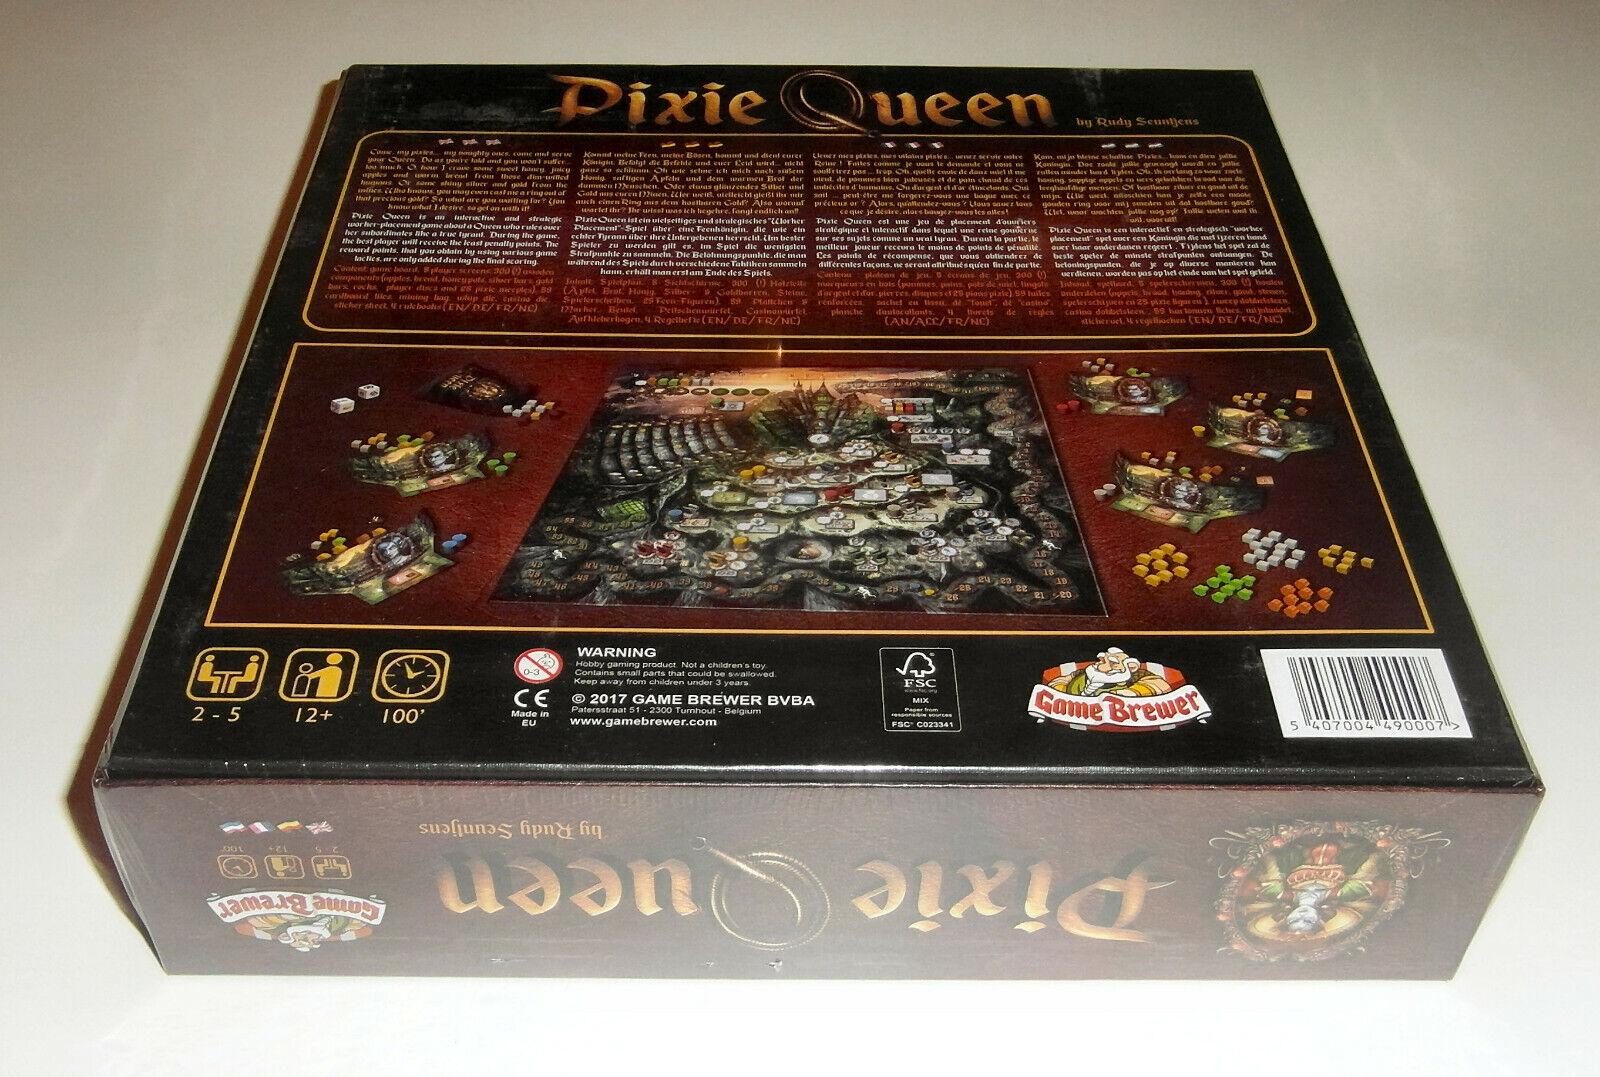 Pixie Queen Queen Queen - Game Brewer - 2017 705a26